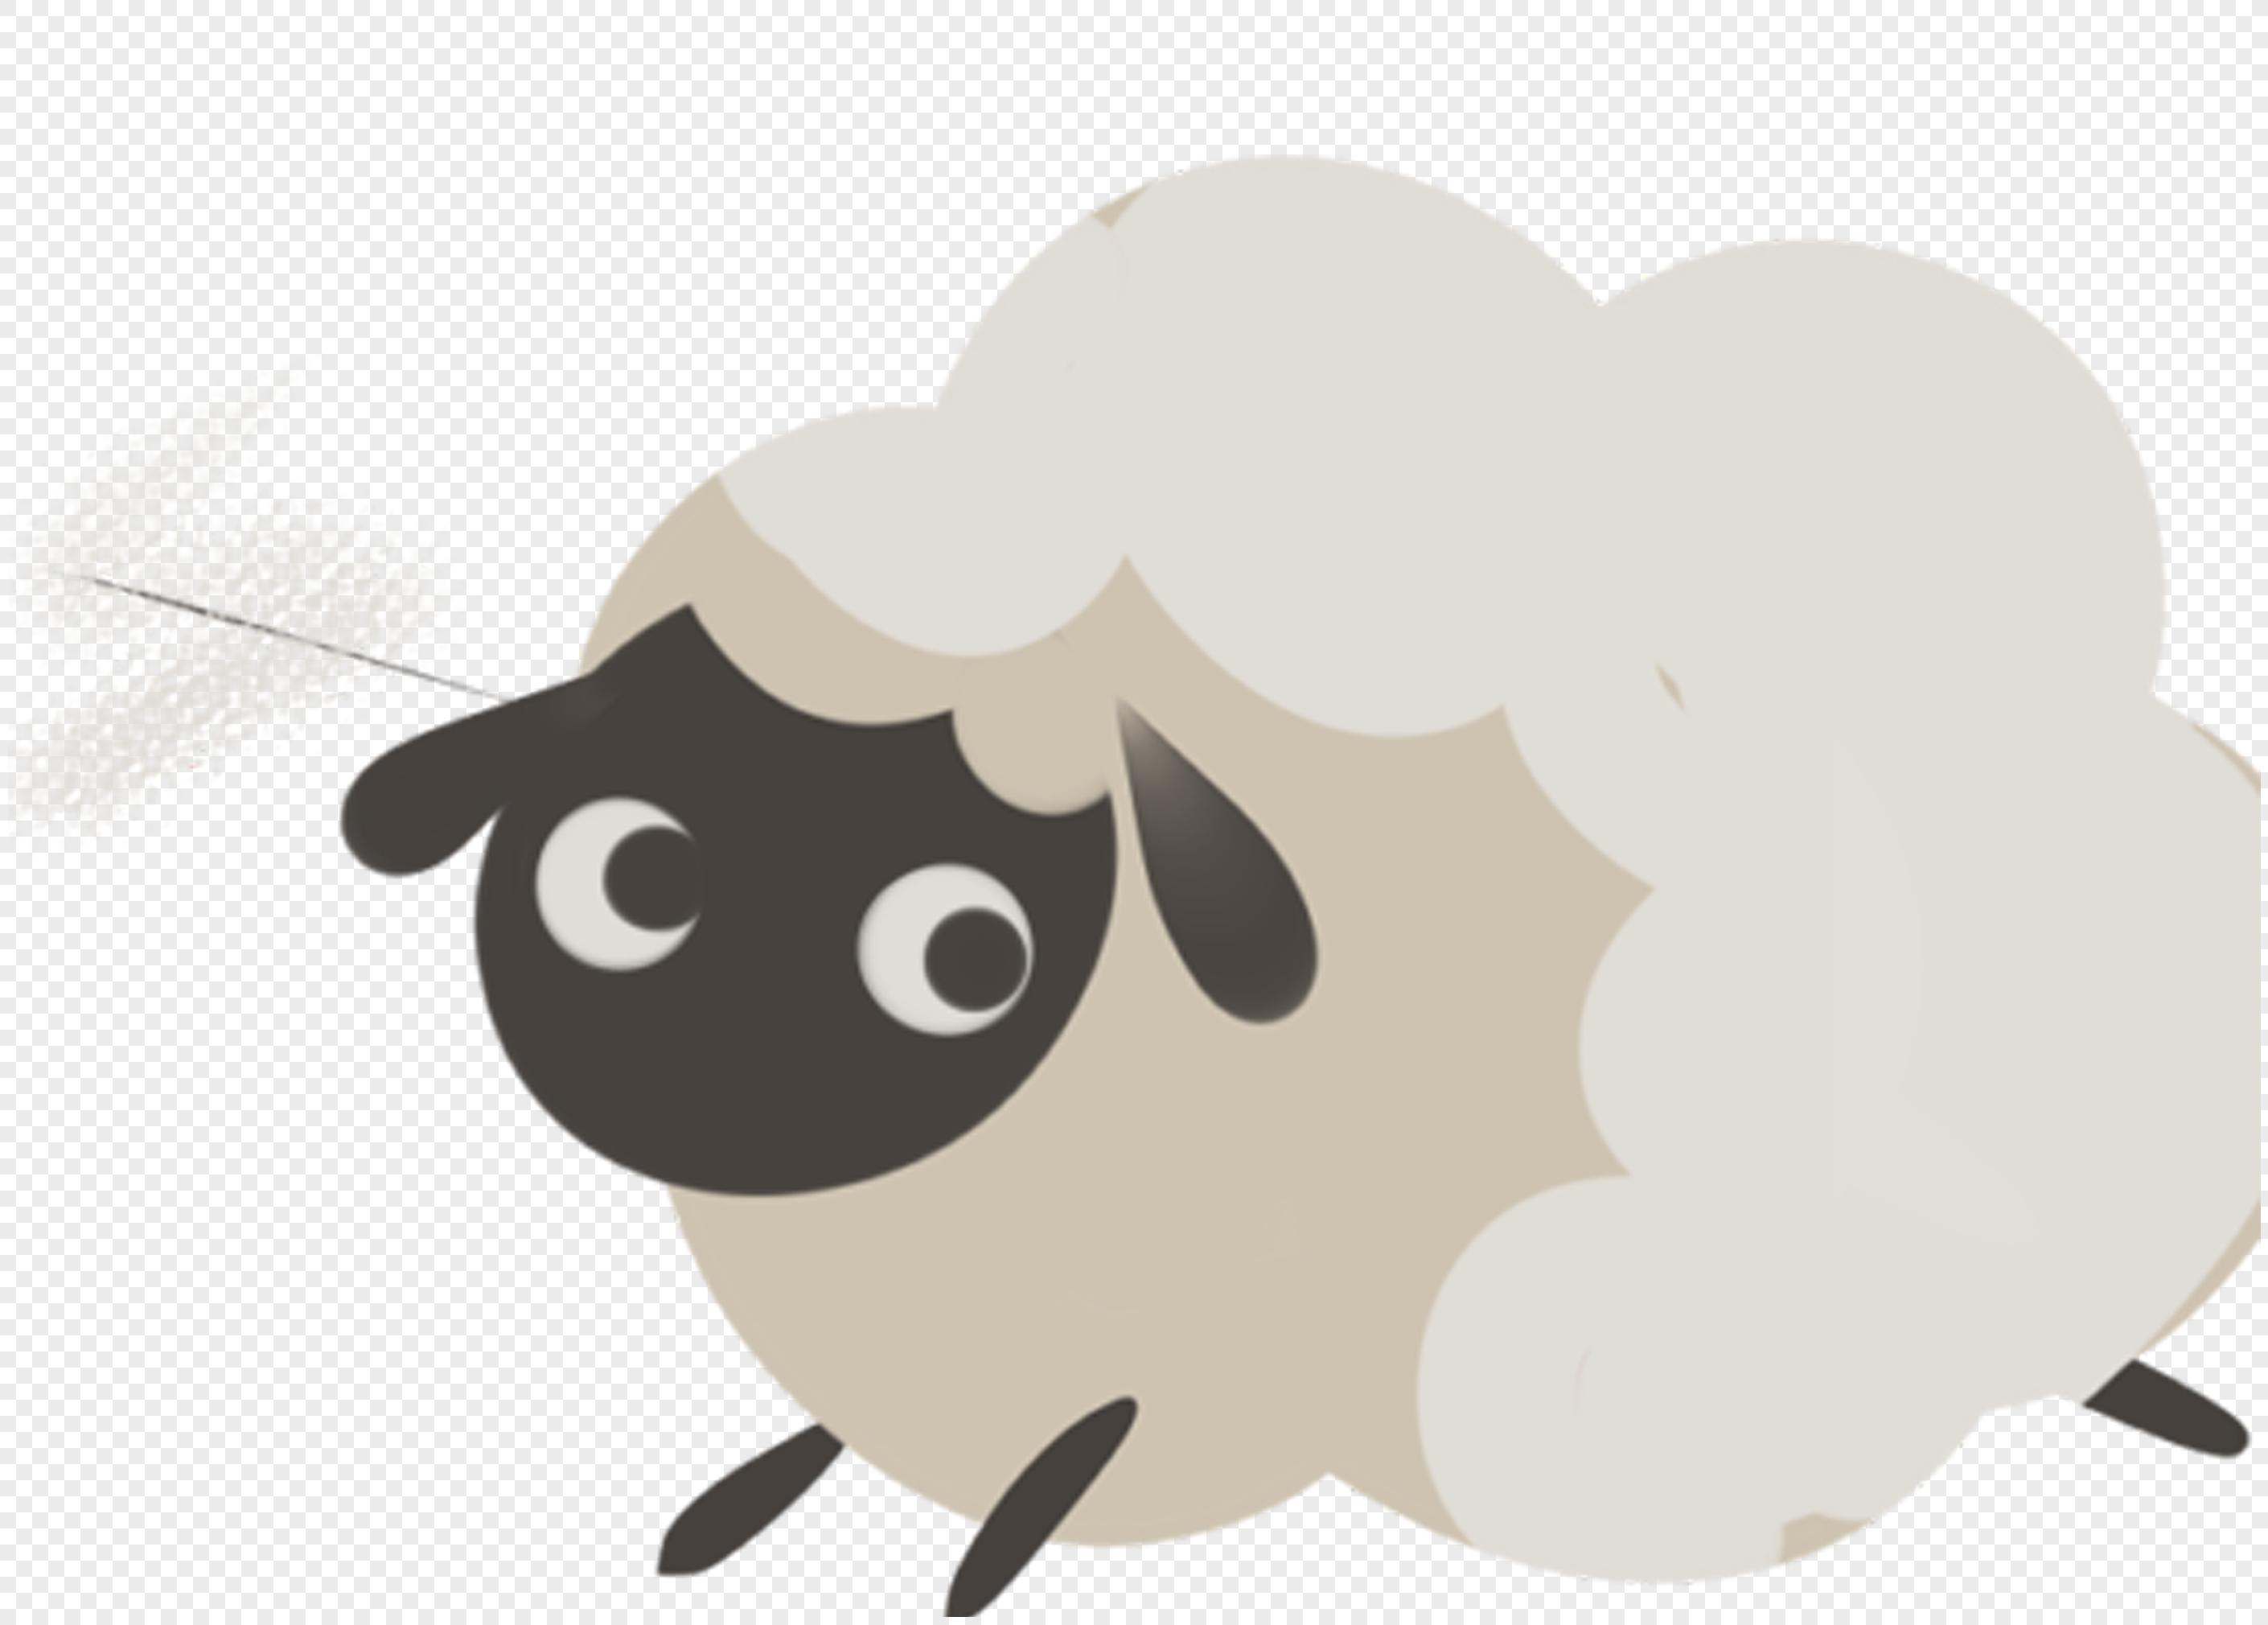 手绘可爱羊